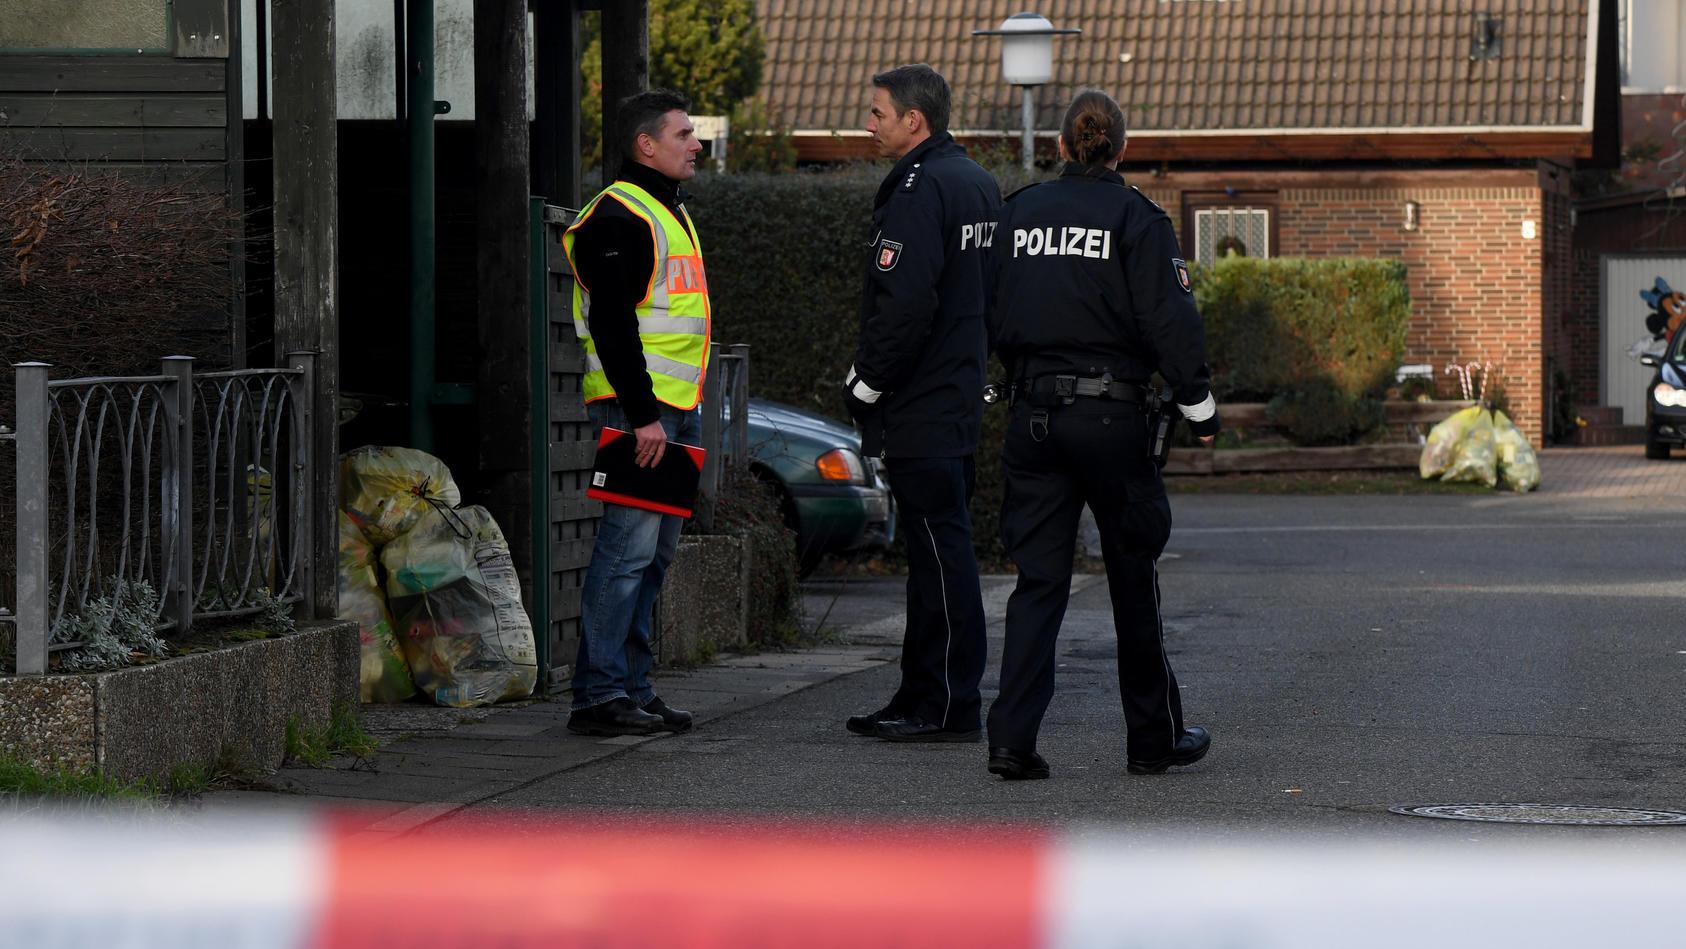 Tod in der Silvesternach - Frau starb durch Schuss